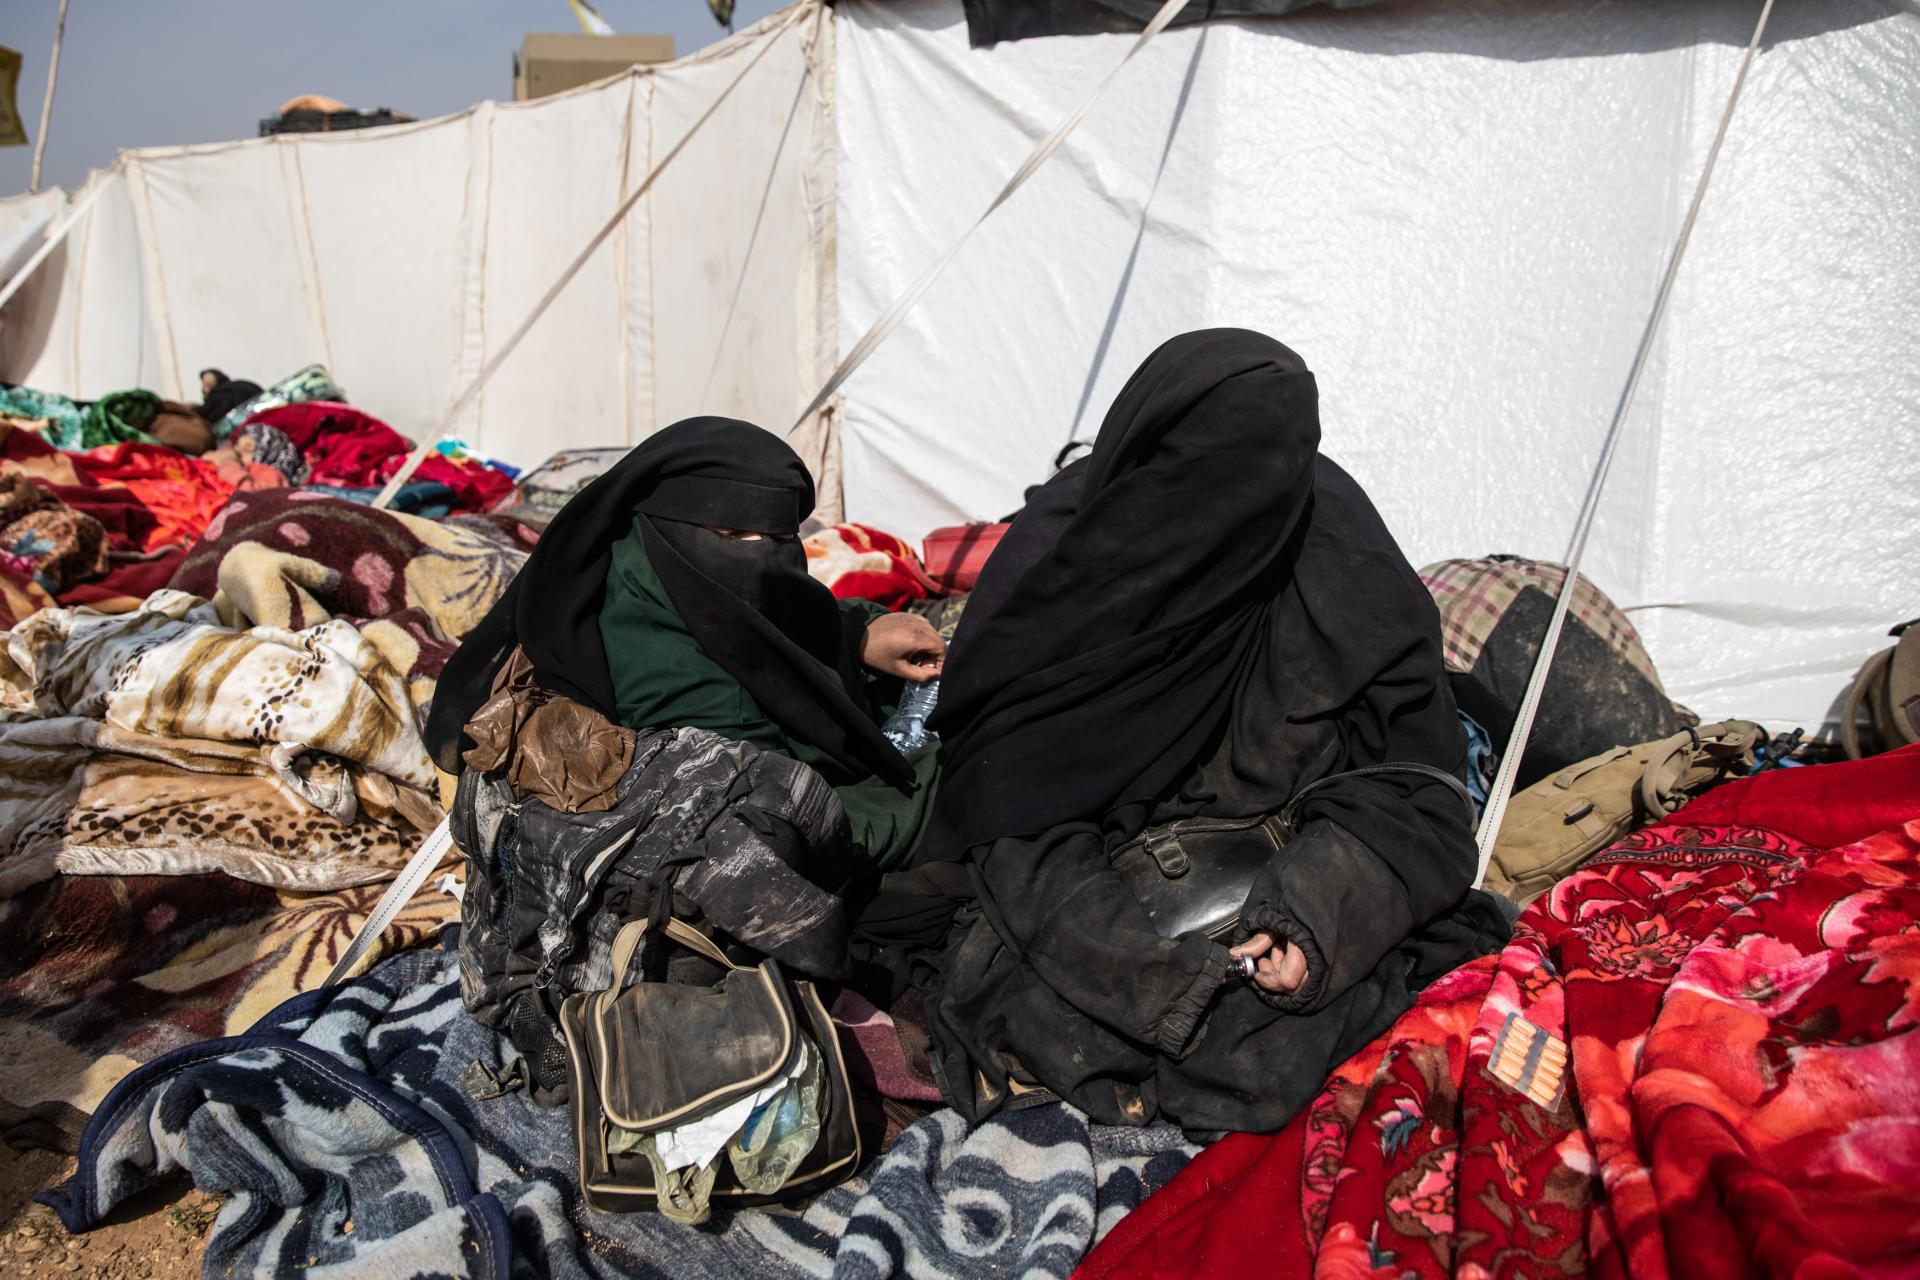 Les civils blessés ou malades sont pris en charge par l'ONG Free Burma Rangers. A droite, Samira, une algérienne qui vient de sortir de Baghouz avec ses deux filles.